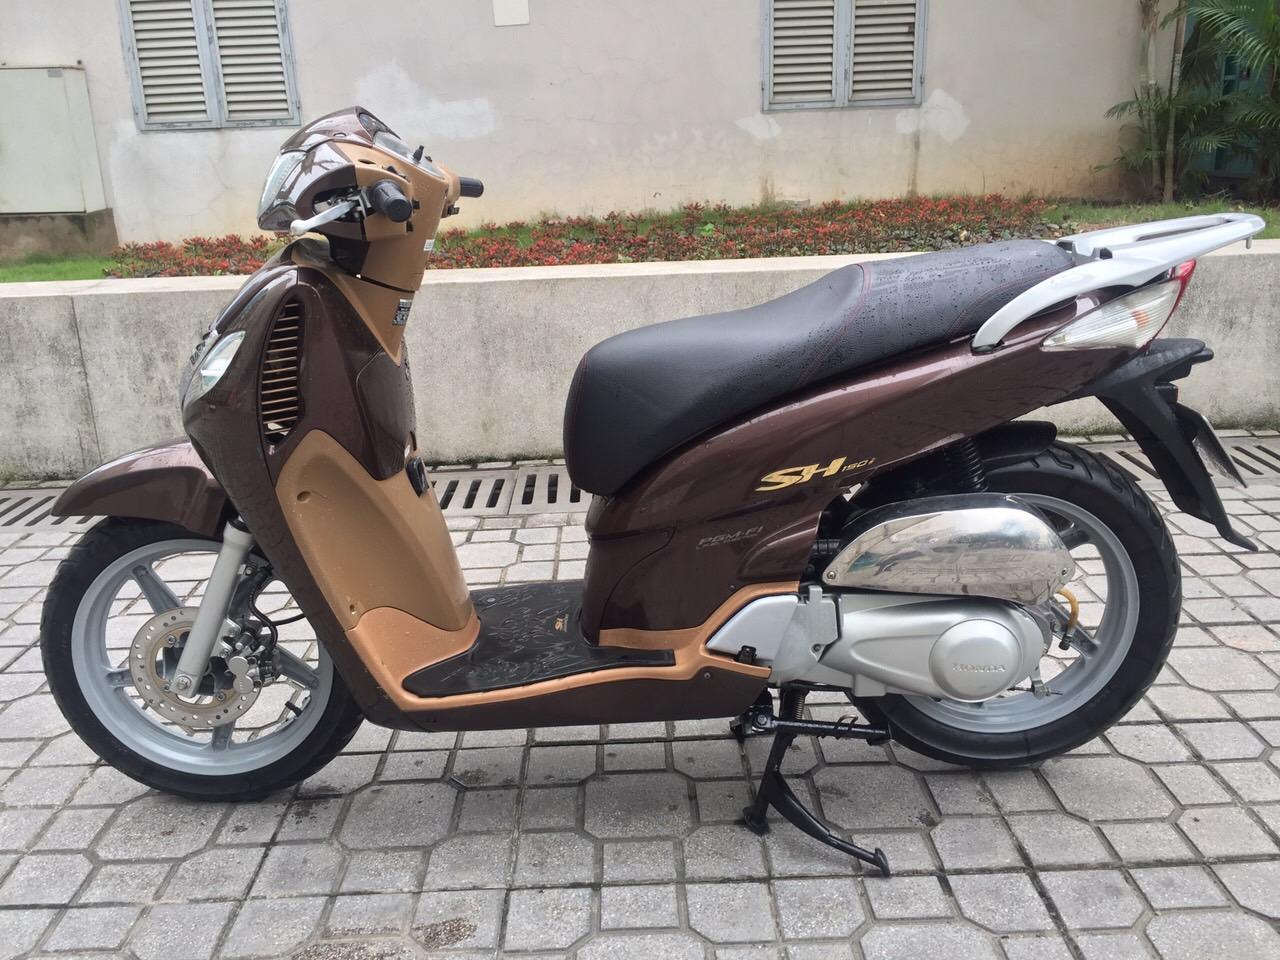 1 Cần bán Honda SH màu nâu.nhập ý 150cc.chính chủ.hồ sơ.30k4-4446